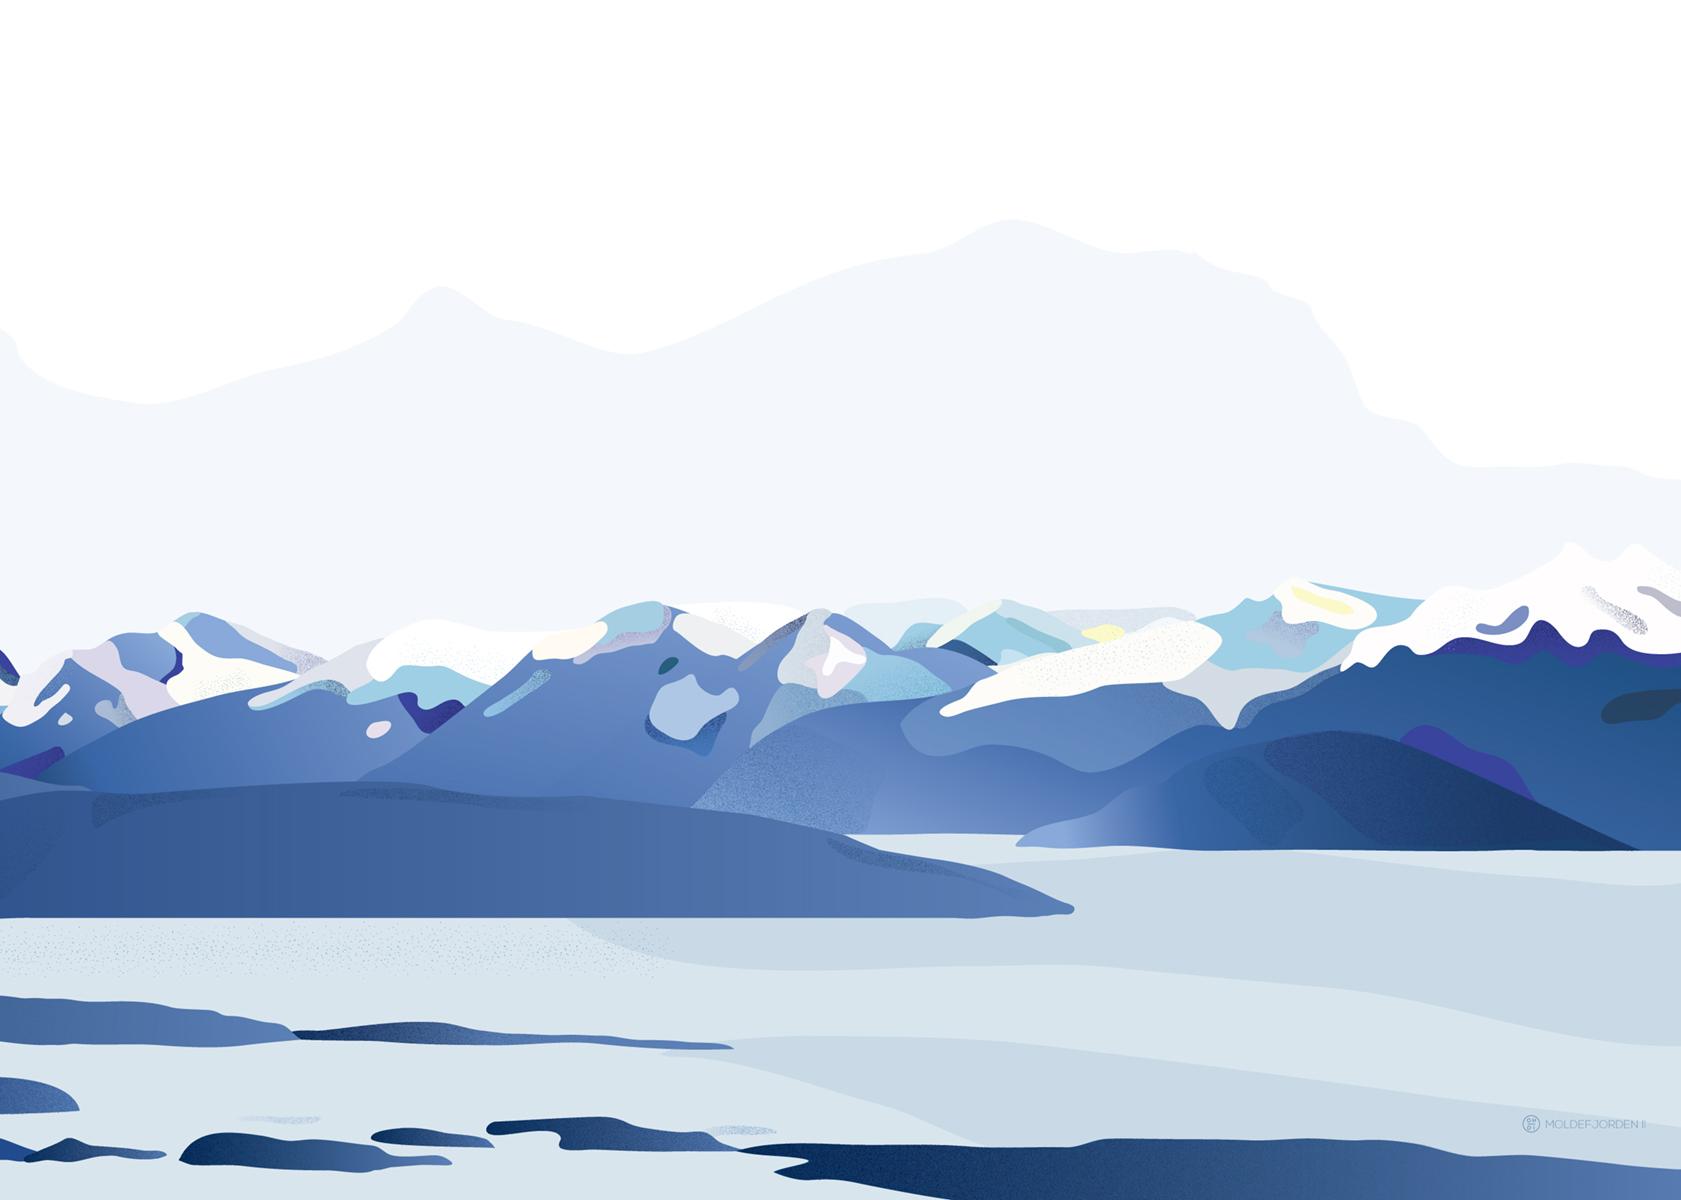 molde illustrasjon moldefjorden moldepanorama fjell fjord norsk natur